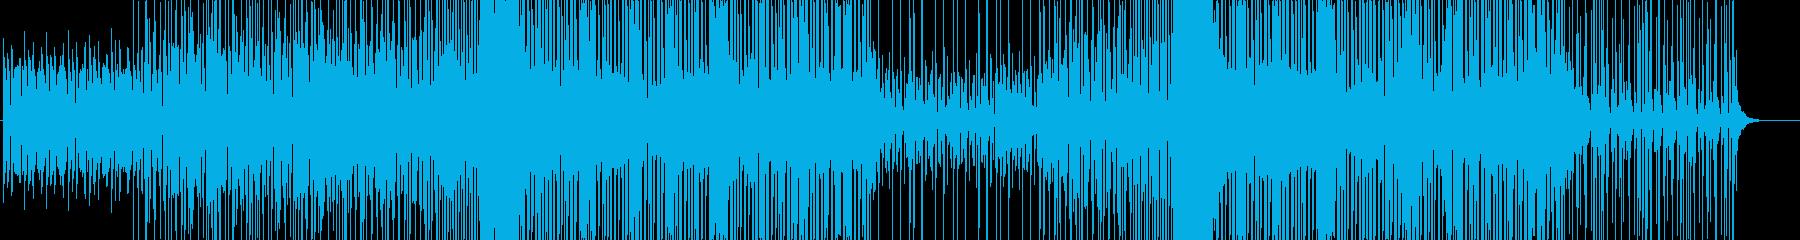 EDM-クール-TikTok-PV-動画の再生済みの波形